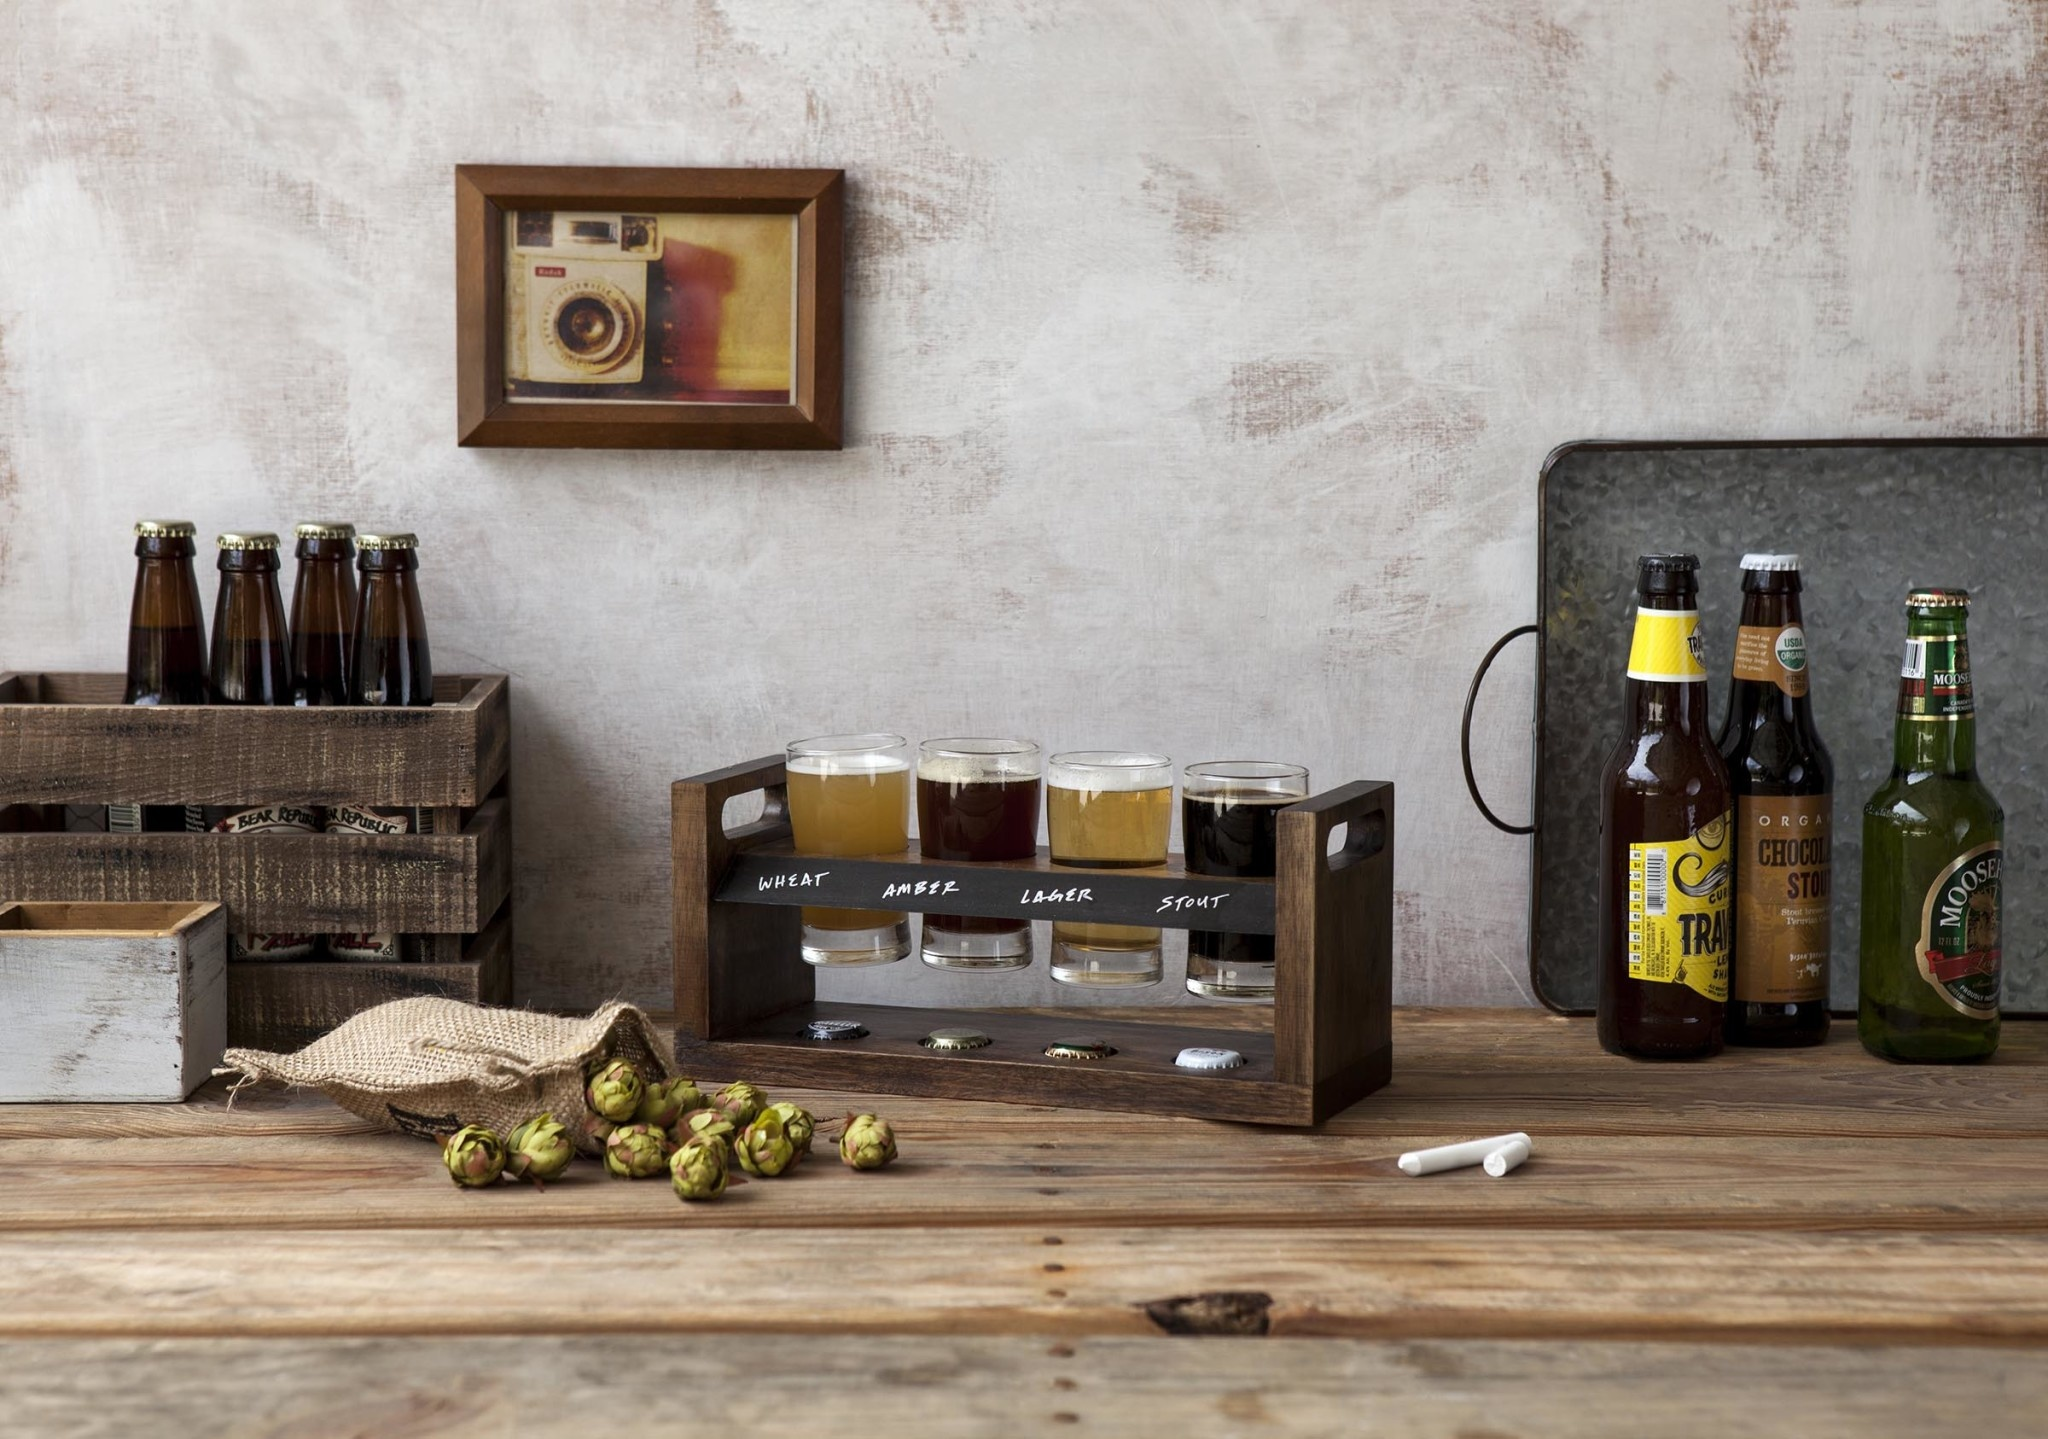 PICNIC- Craft Beer Flight